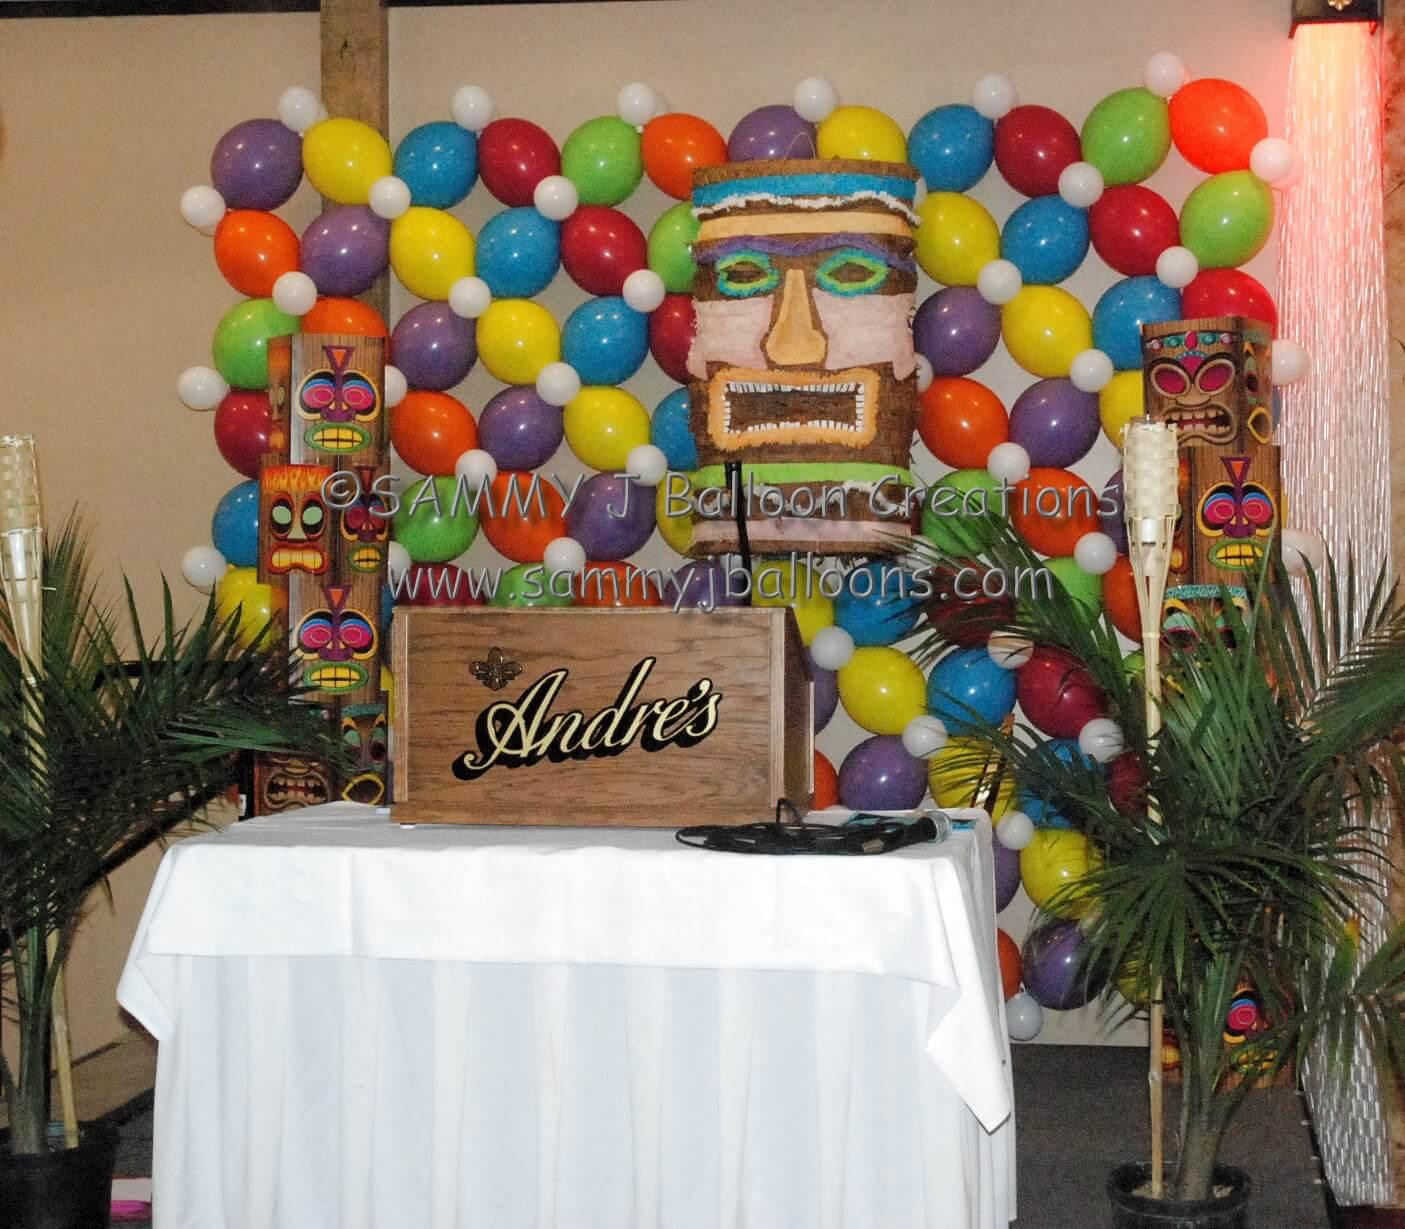 SAMMY J Balloon Creations st louis balloons linkoloon backdrop wall